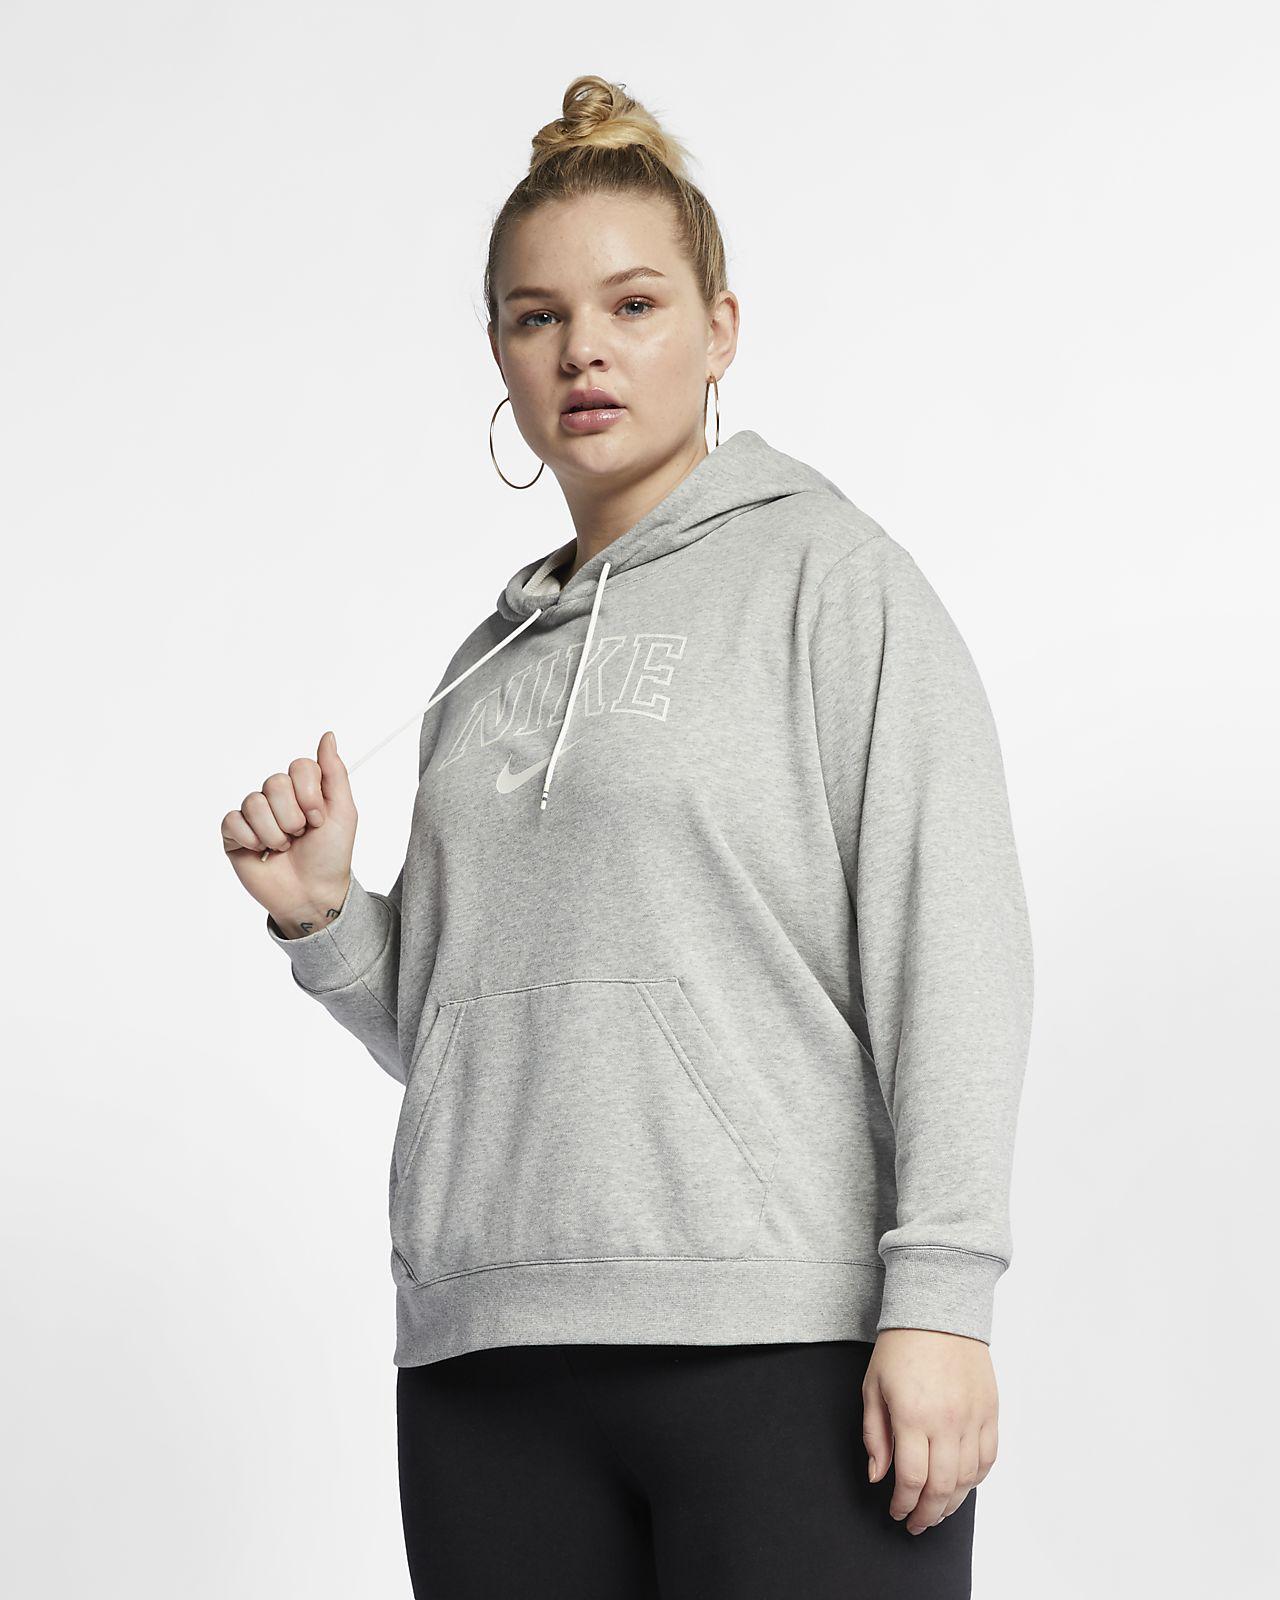 c1fbd425962 Nike Sportswear Women s Hoodie (Plus Size). Nike.com